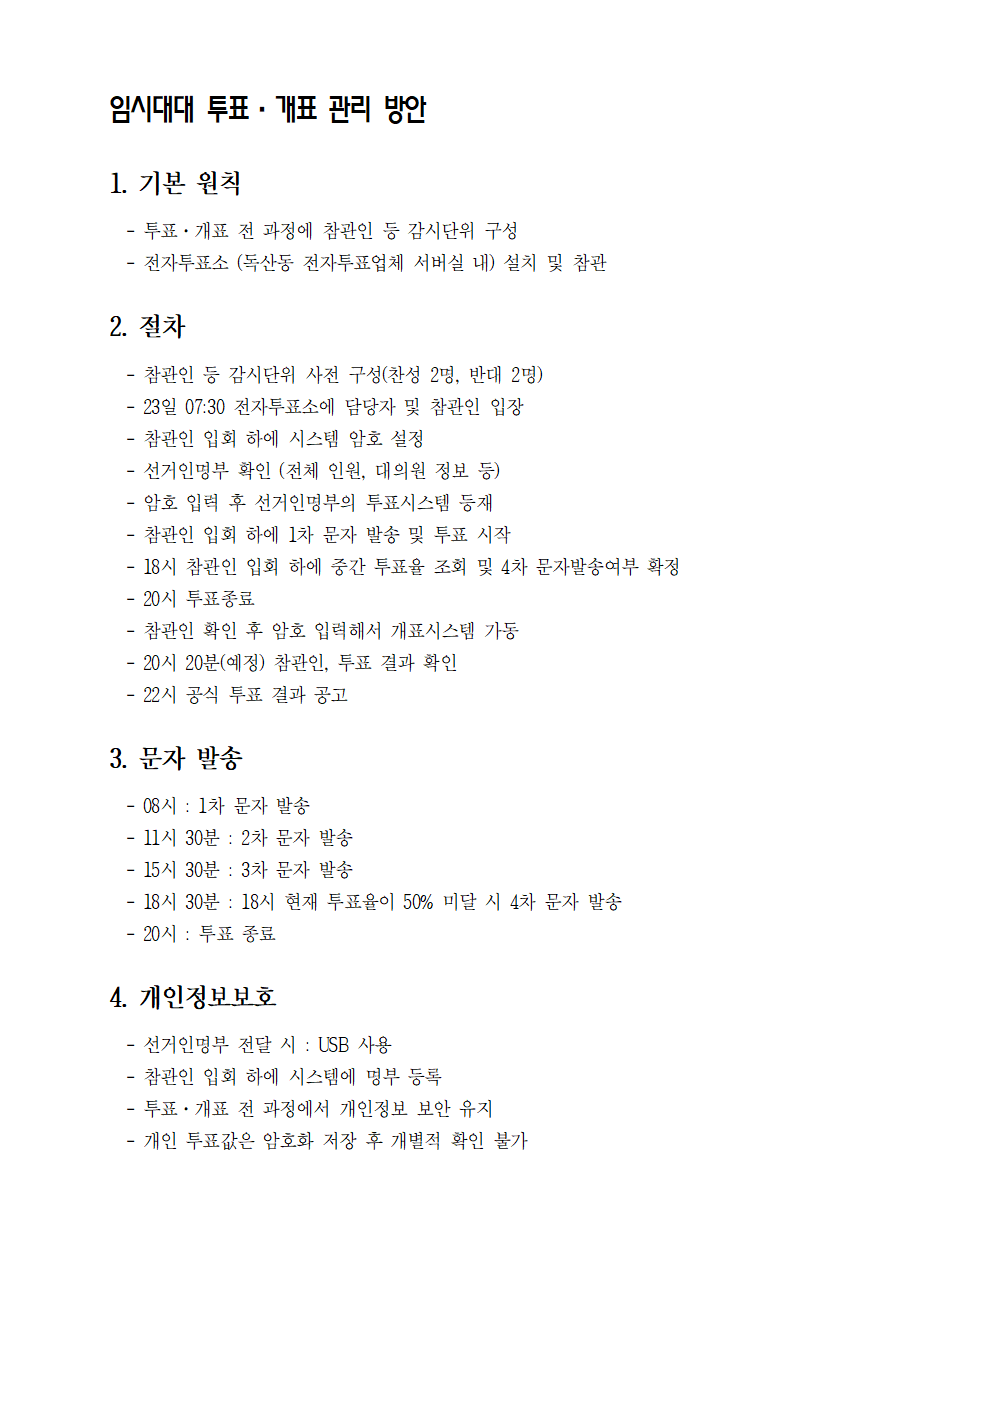 200722_제71차 임시 대의원대회 투·개표 참관인 신청 안내001.png